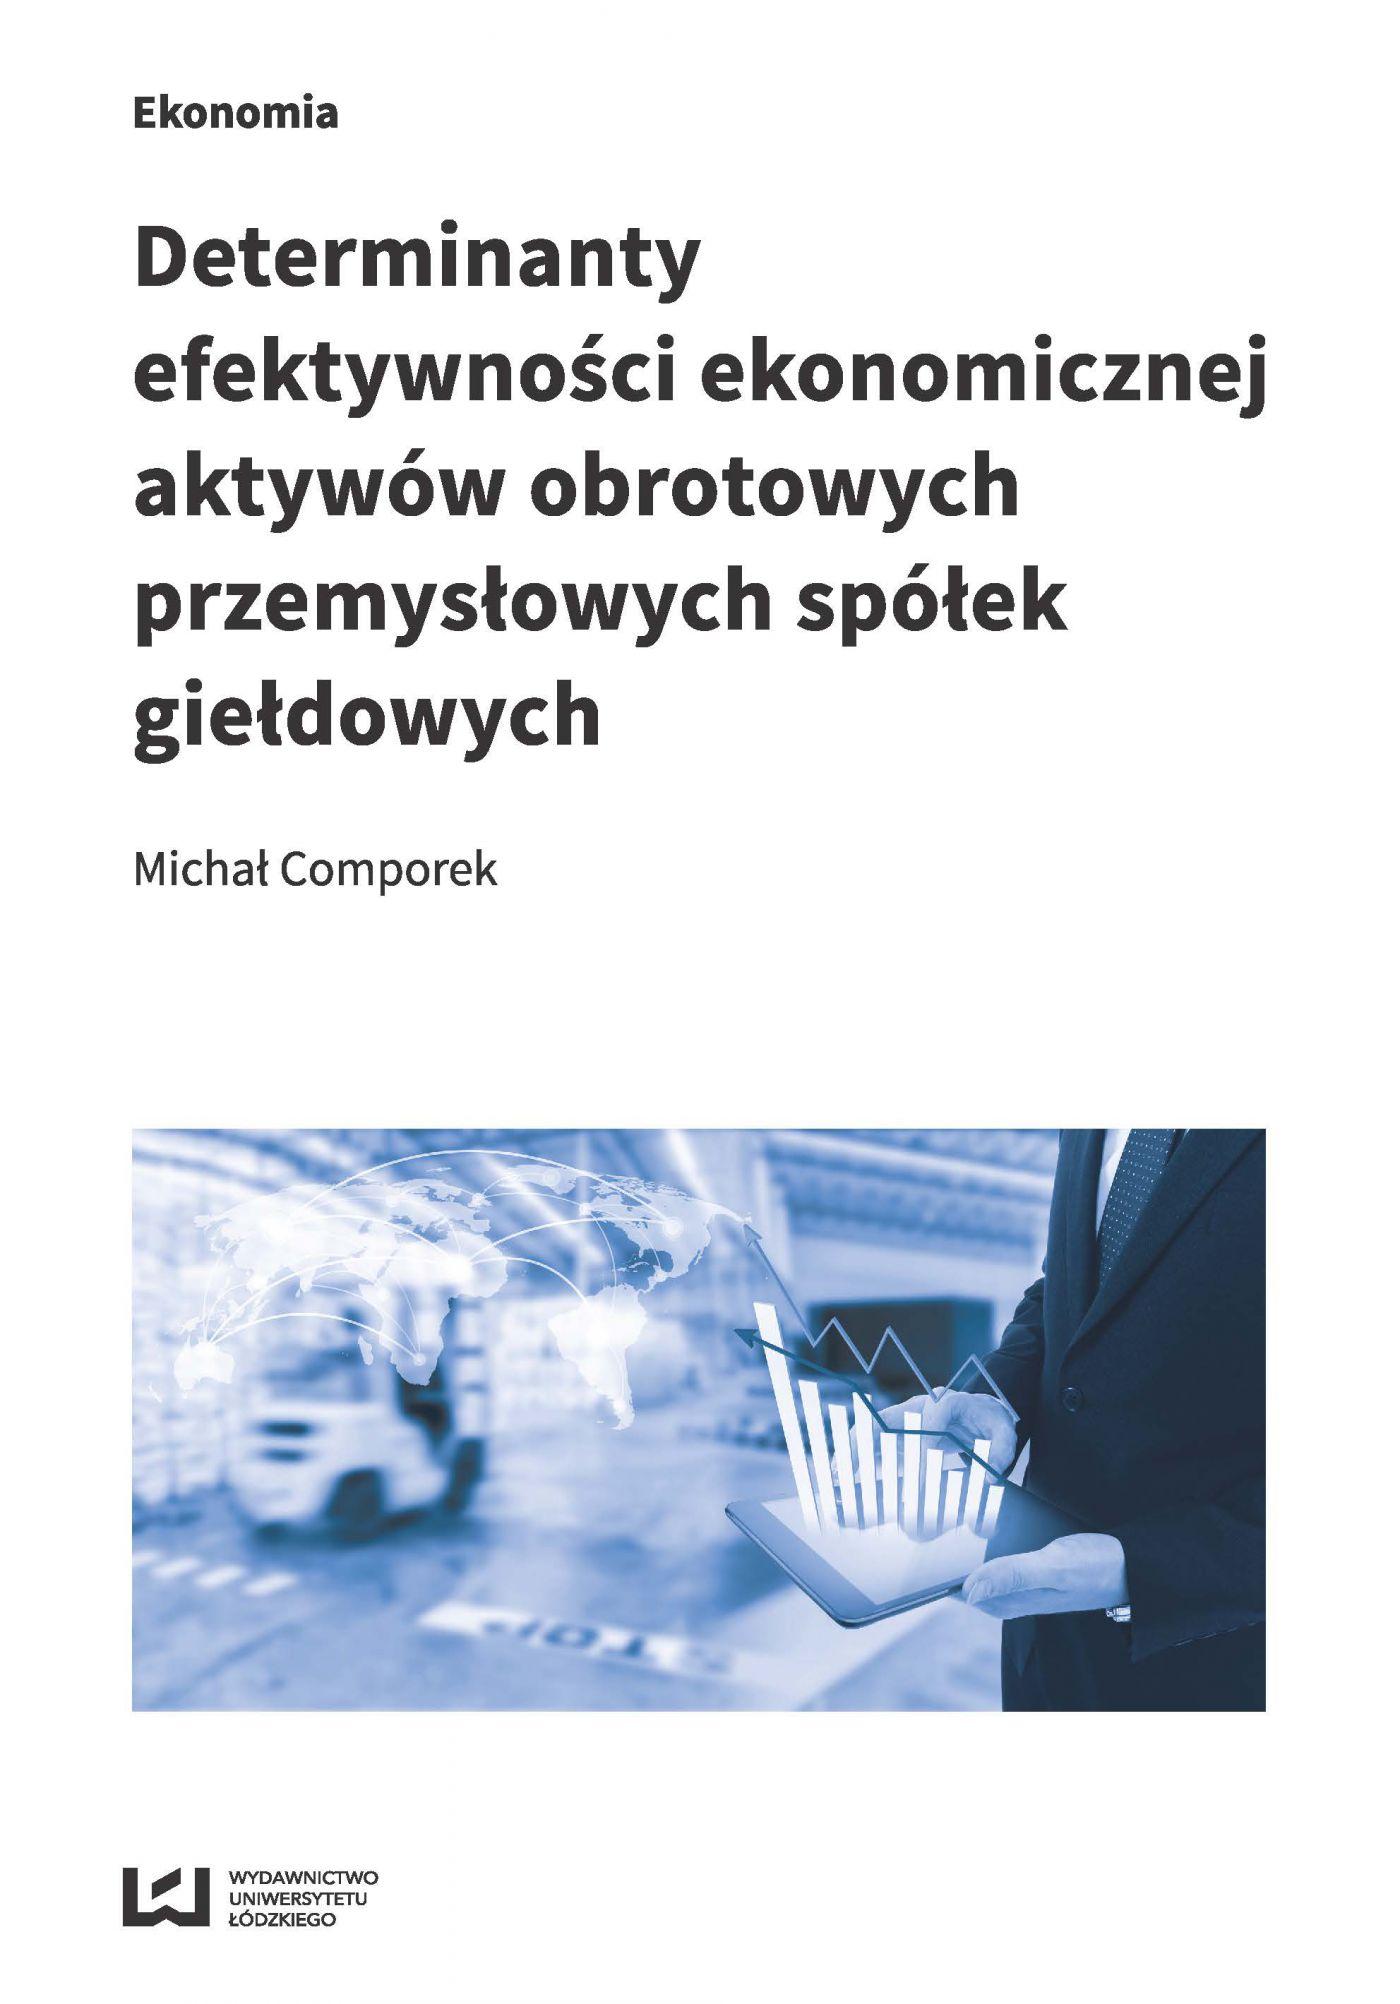 Determinanty efektywności ekonomicznej aktywów obrotowych przemysłowych spółek giełdowych - Ebook (Książka PDF) do pobrania w formacie PDF